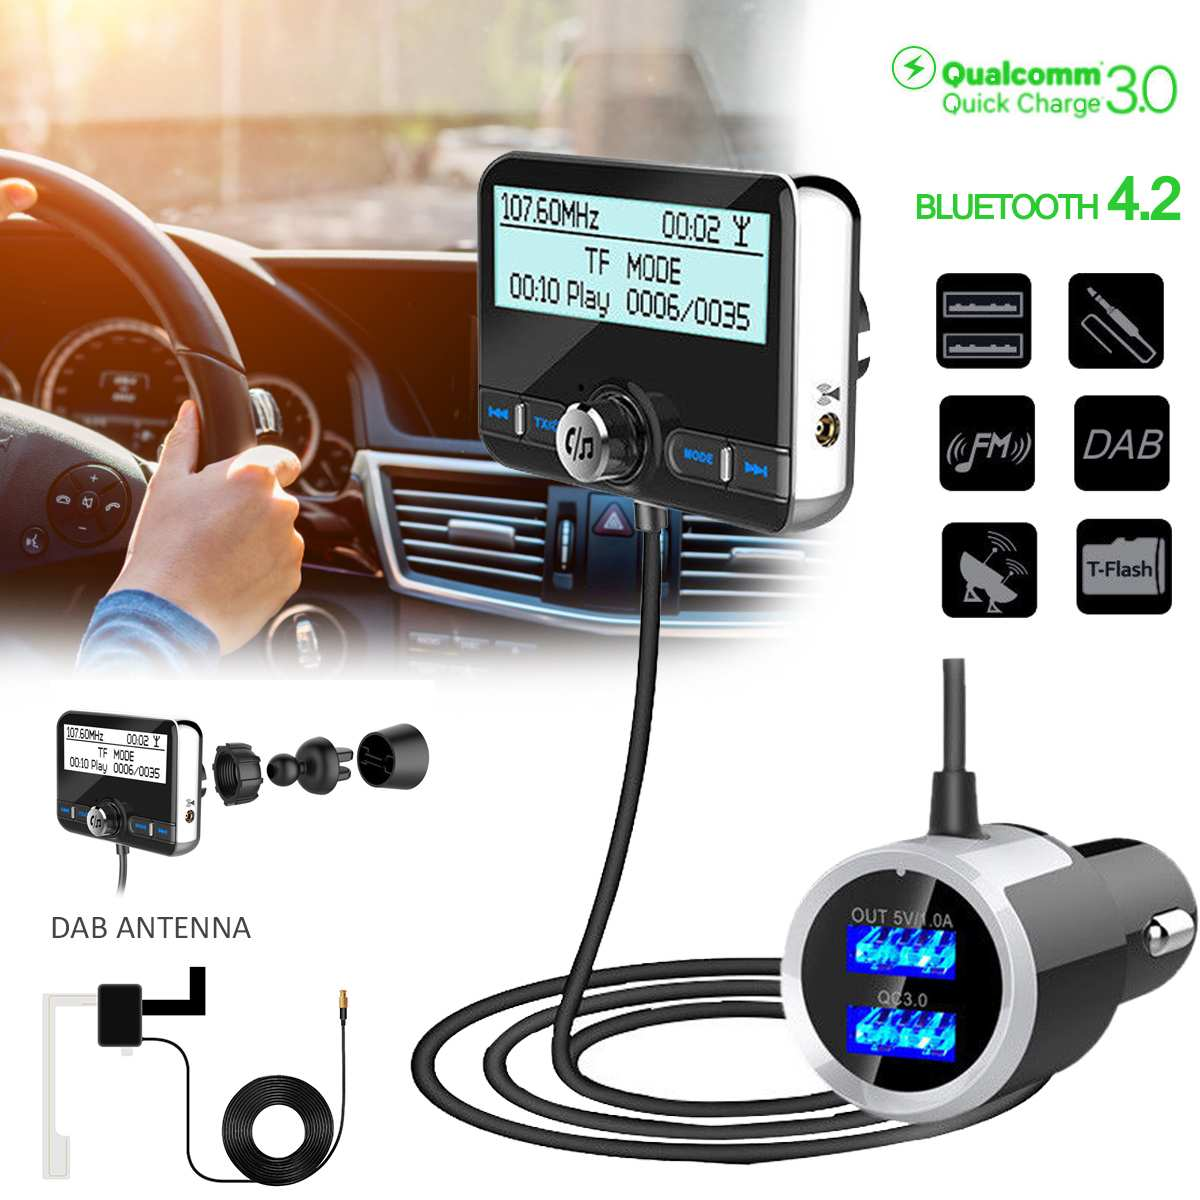 Récepteur Radio Portable dans la voiture DAB adaptateur USB transmetteur bluetooth FM antenne AUX écran LCD lecteur de musique Radio numérique